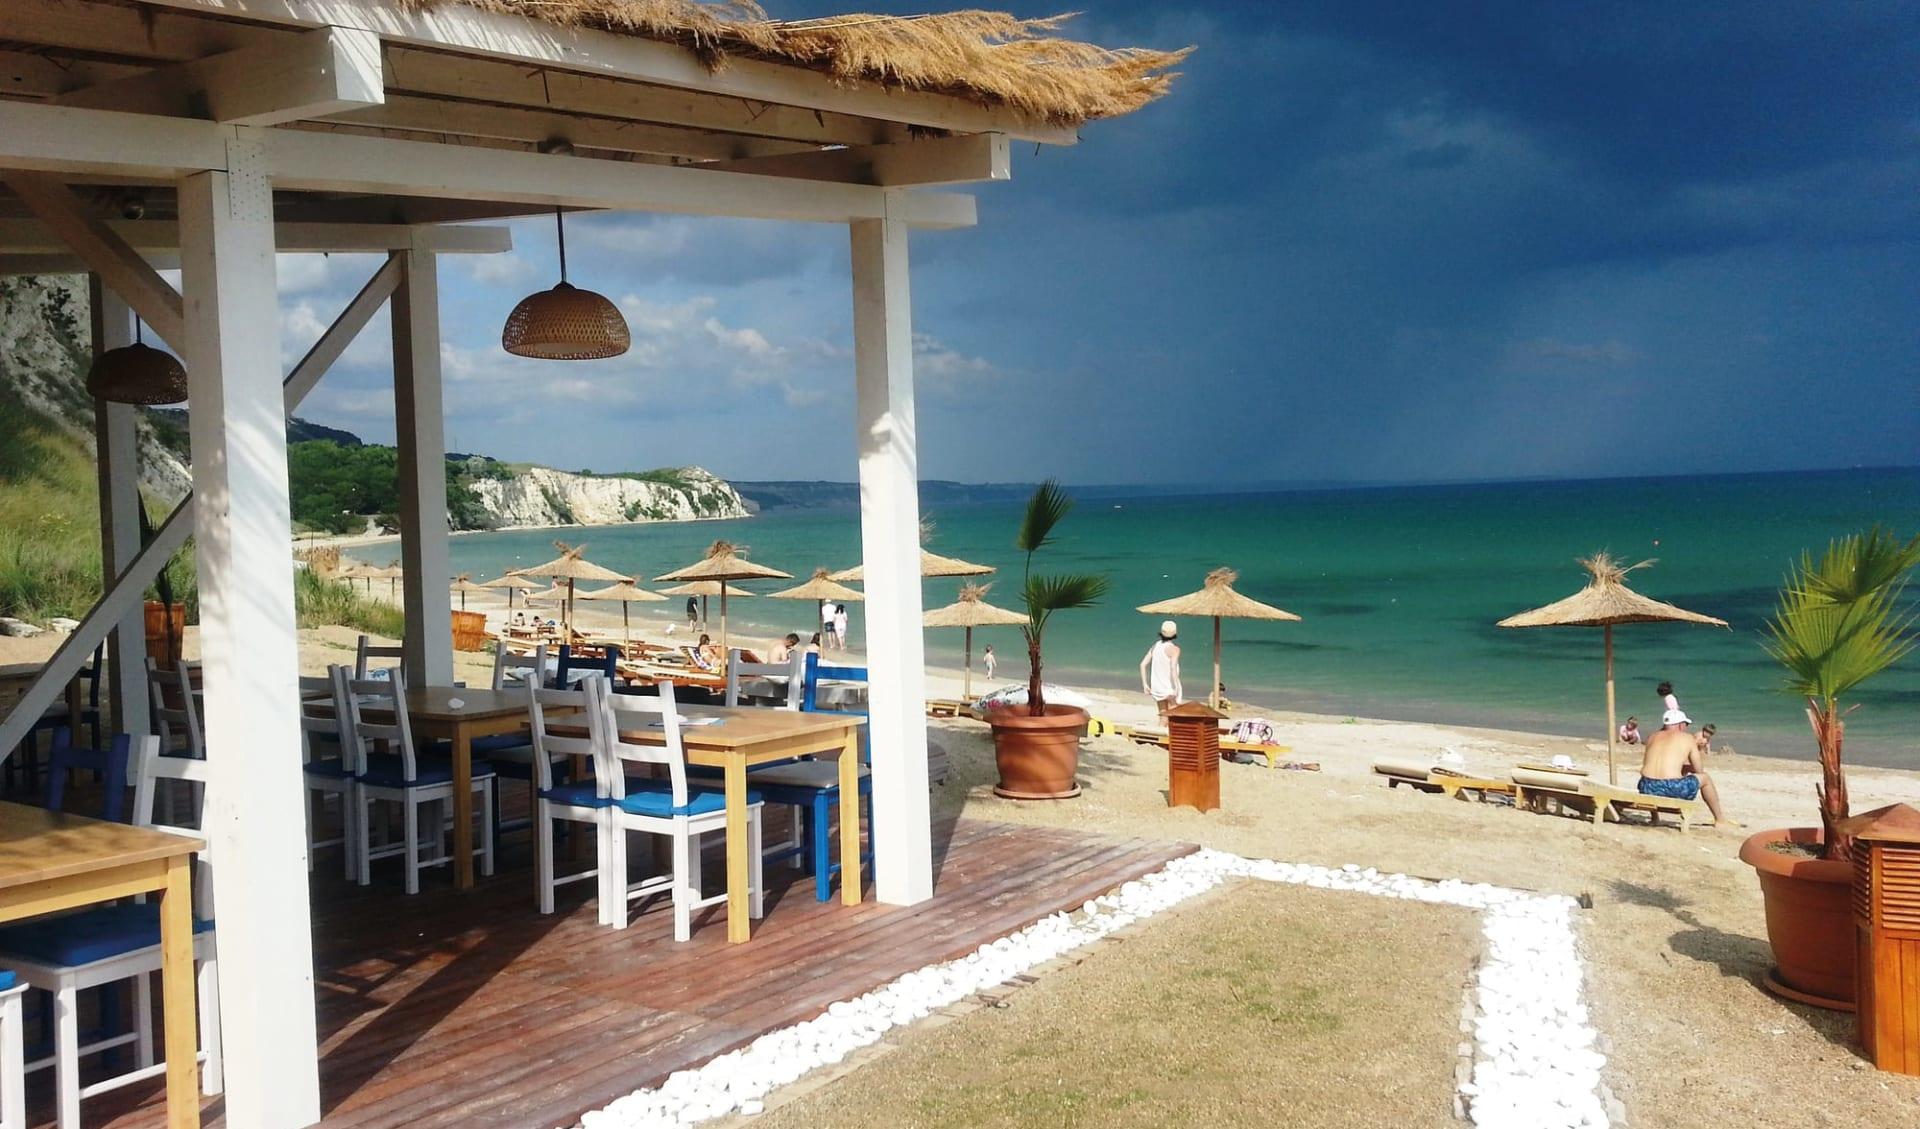 03.07. - 10.07.2022 Golf Plauschwoche in Bulgarien ab Varna: Bar_20130615_171259